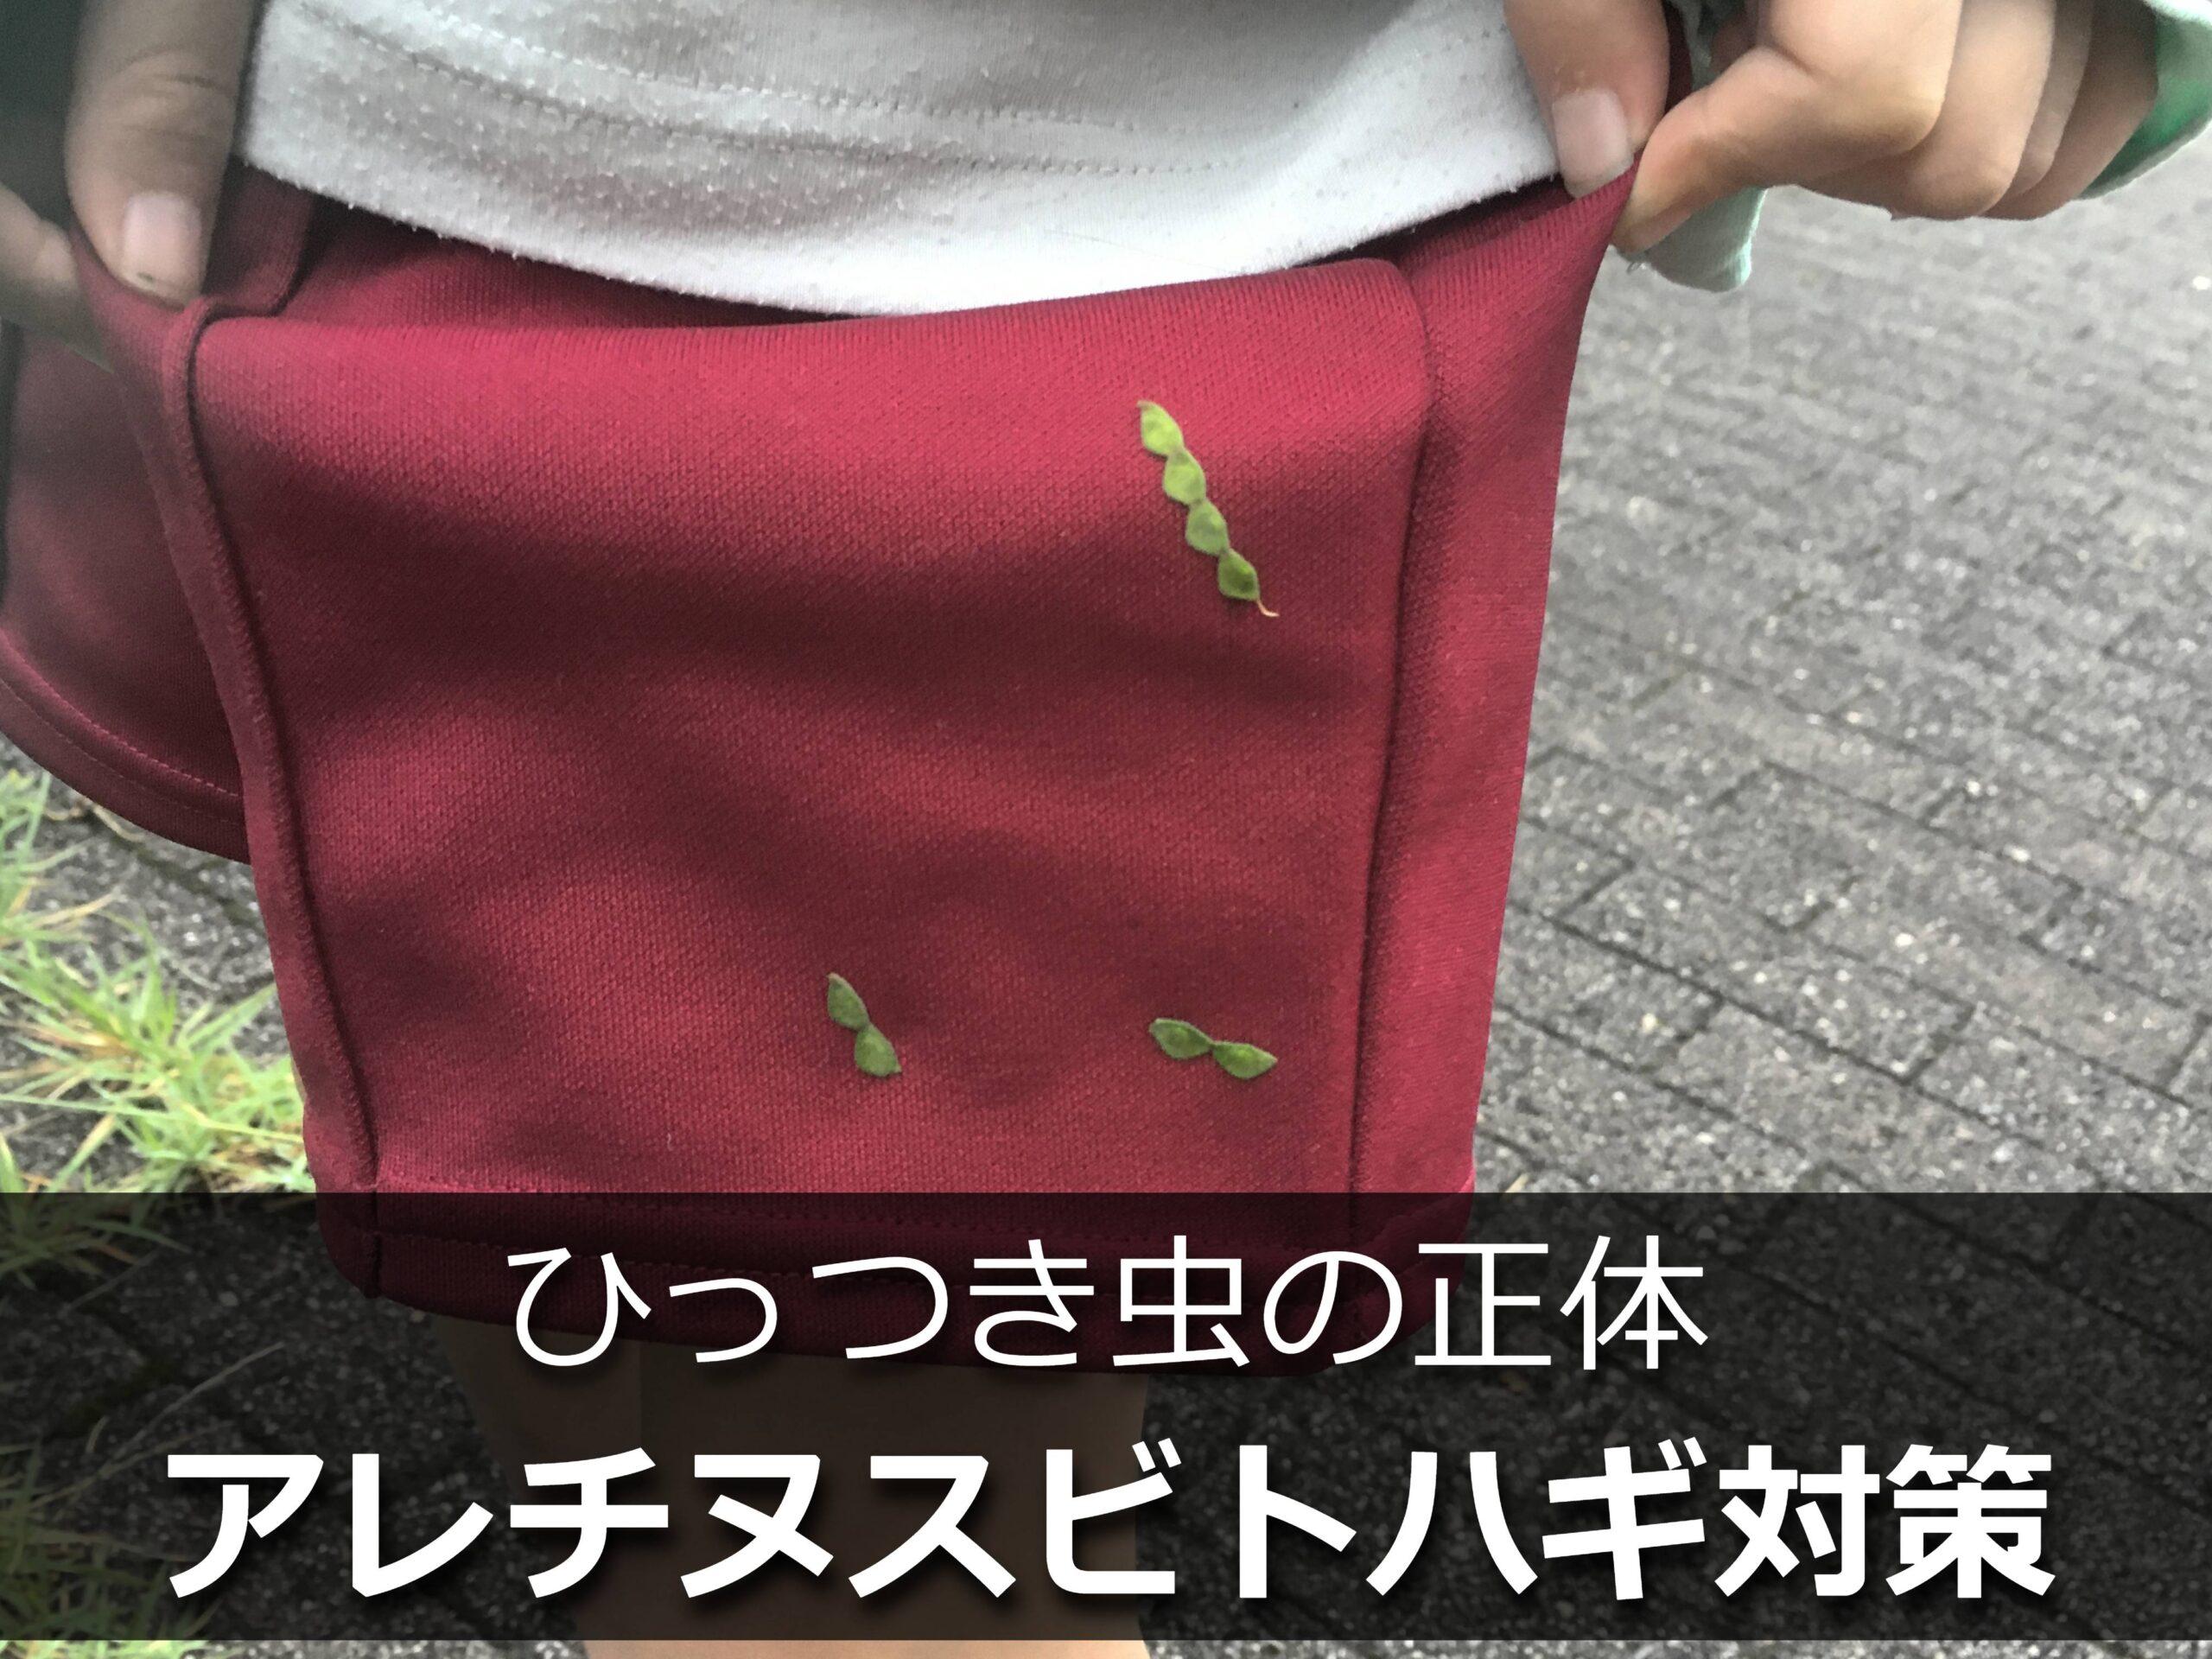 ズボンについたひっつき虫(アレチヌスビトハギの種子)